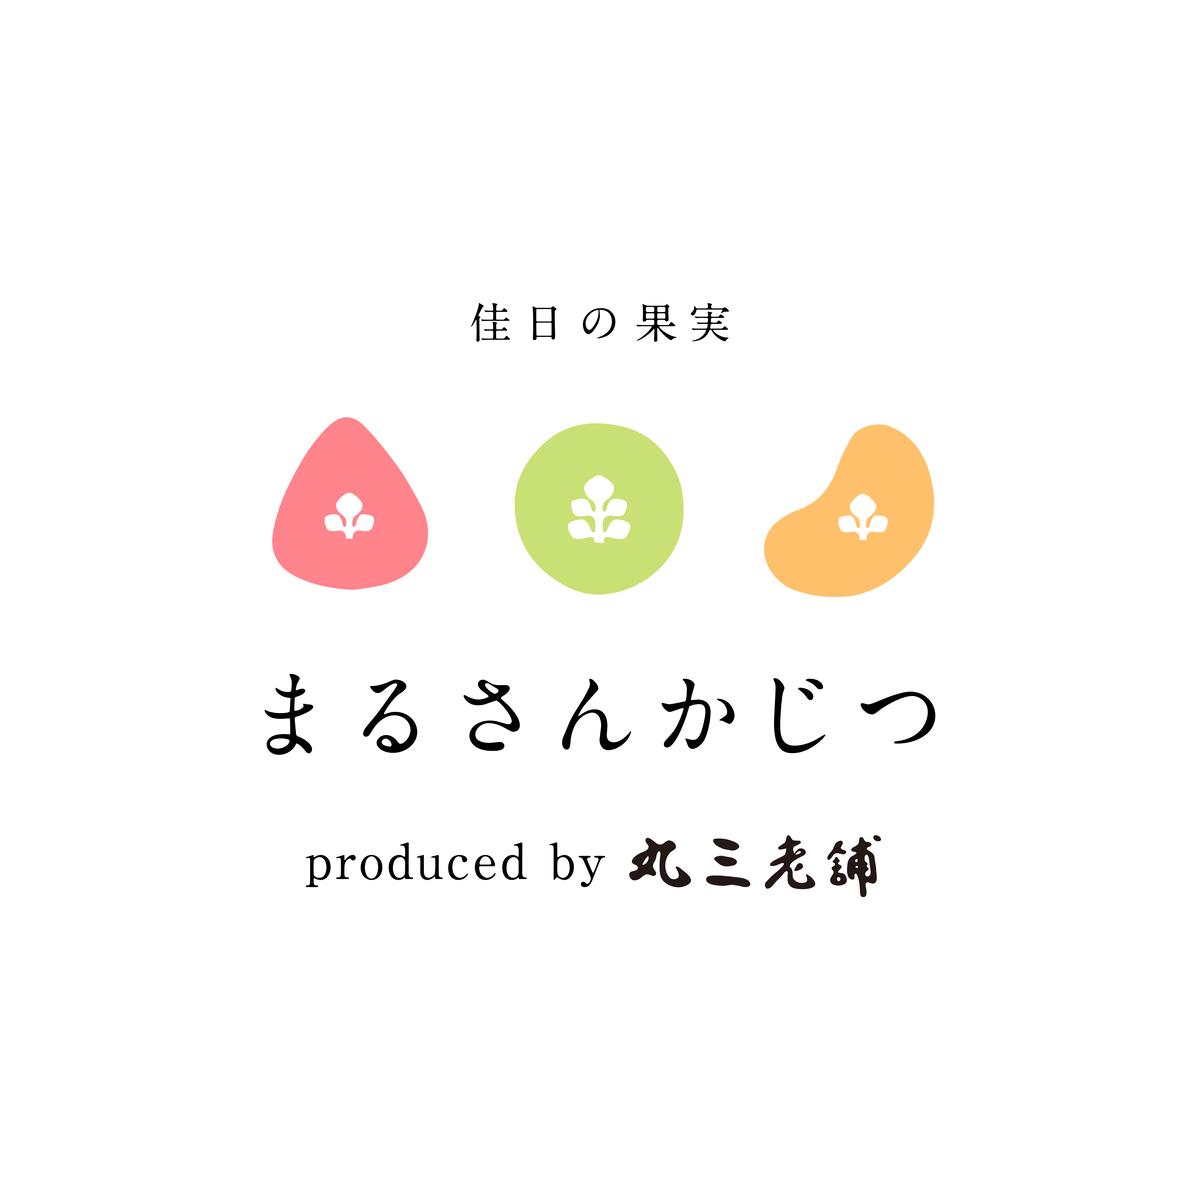 まるさんかじつ powered by BASE